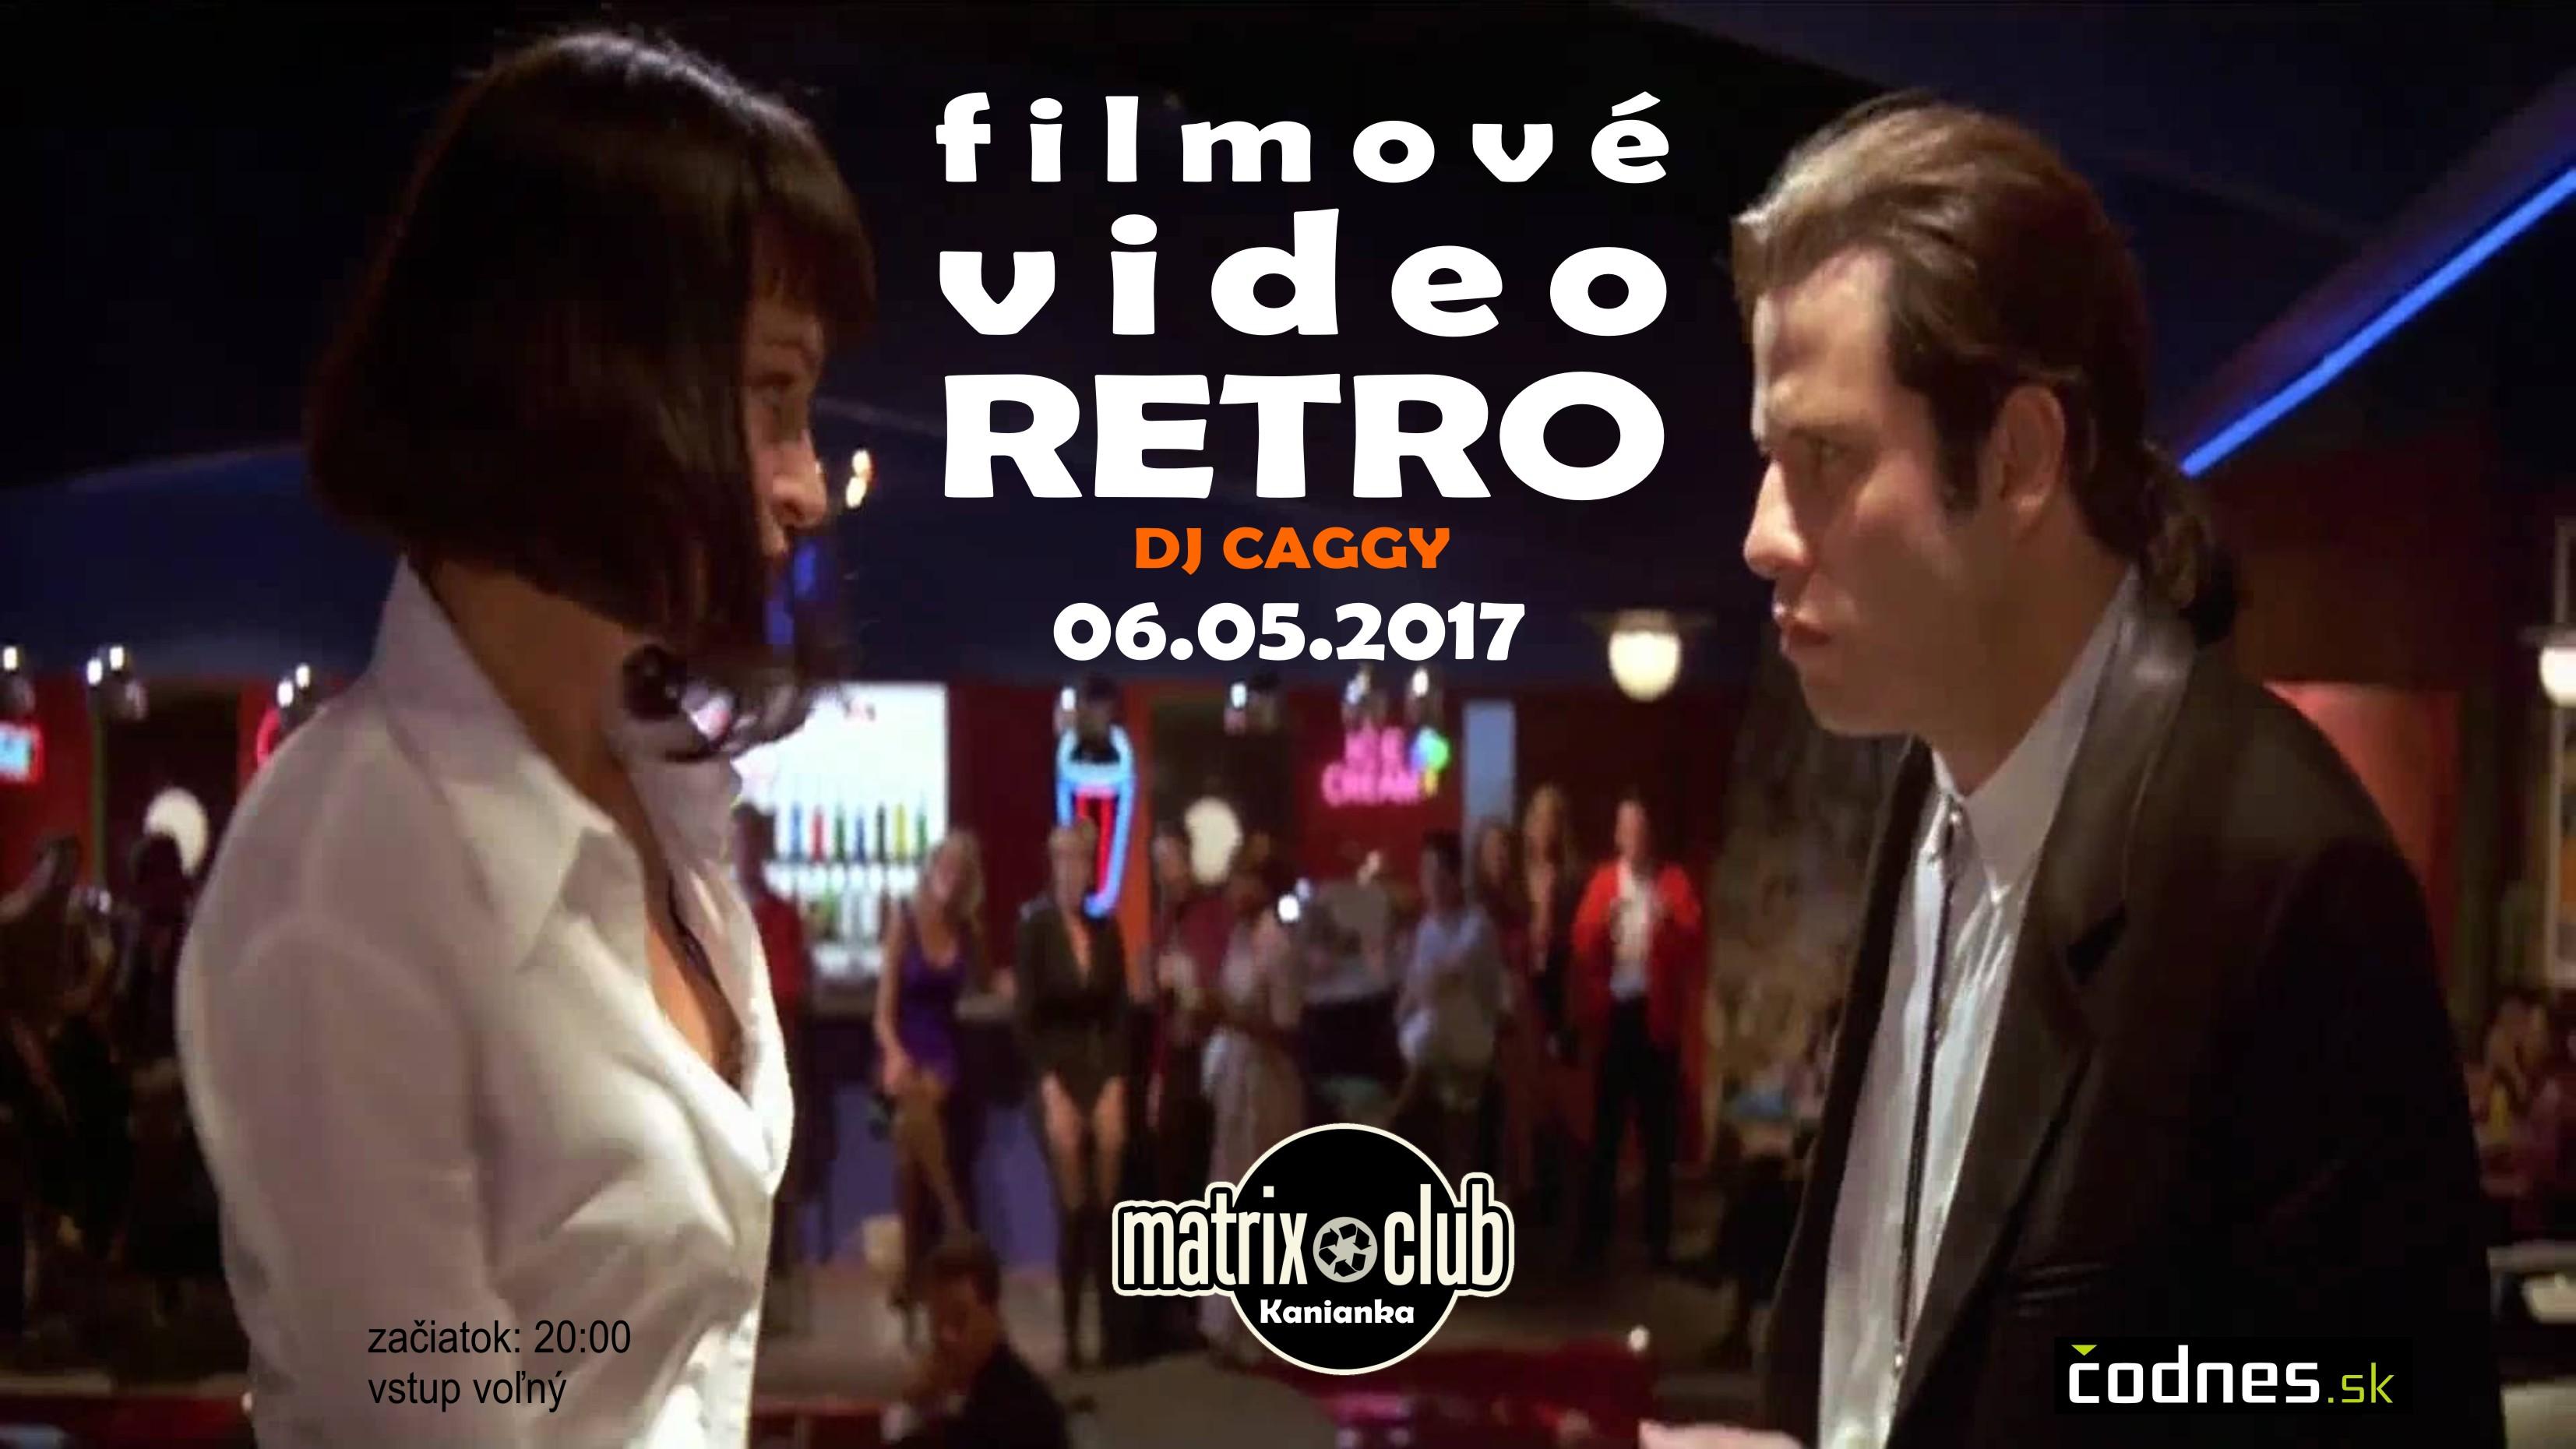 Filmové VIDEO RETRO v Matrixe (DJ Caggy)